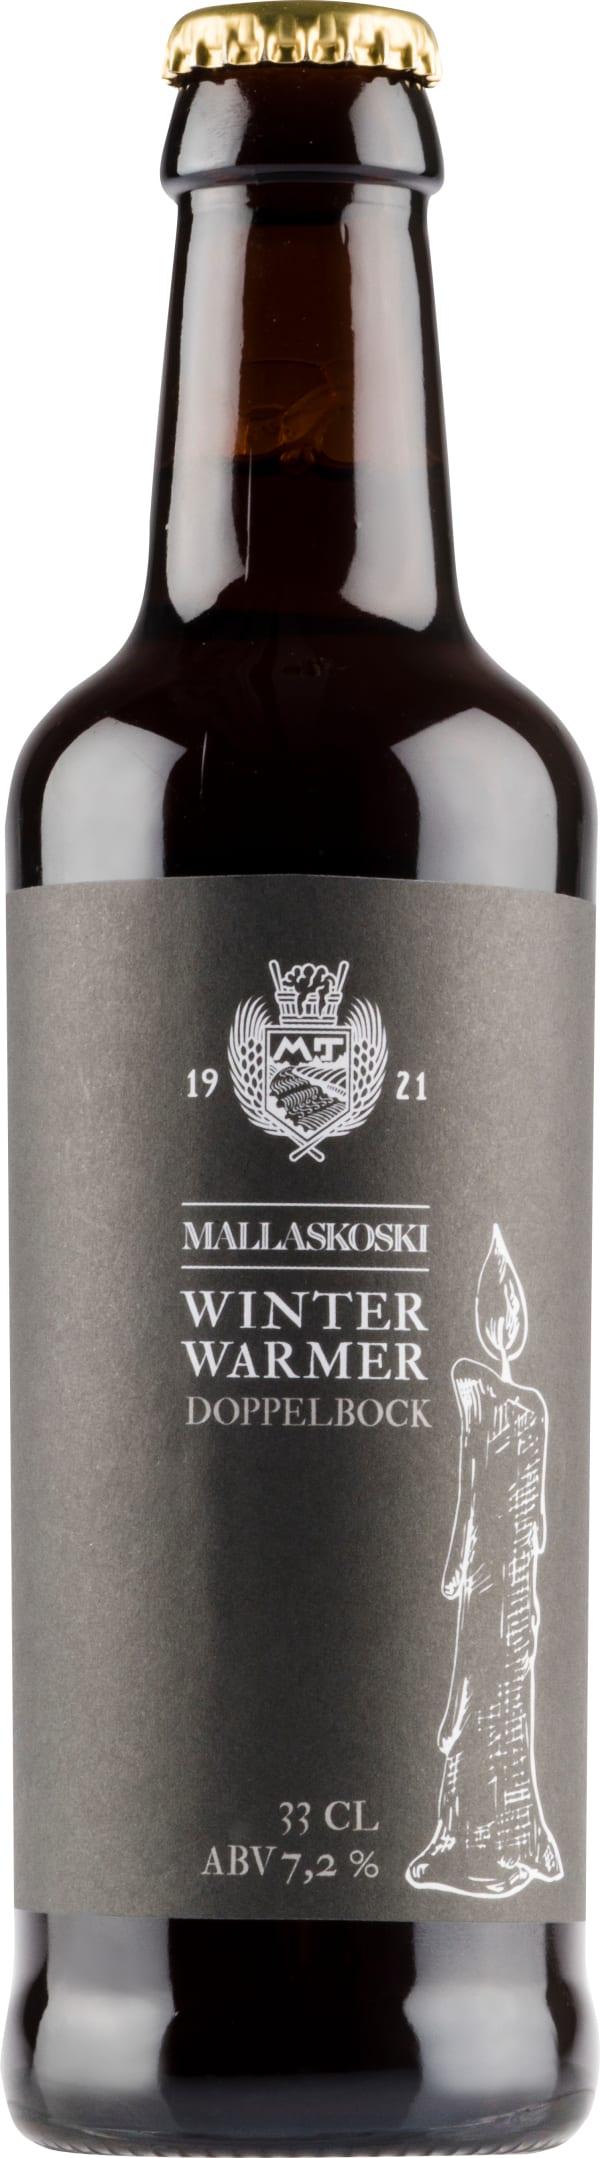 Mallaskoski Winter Warmer Doppelbock